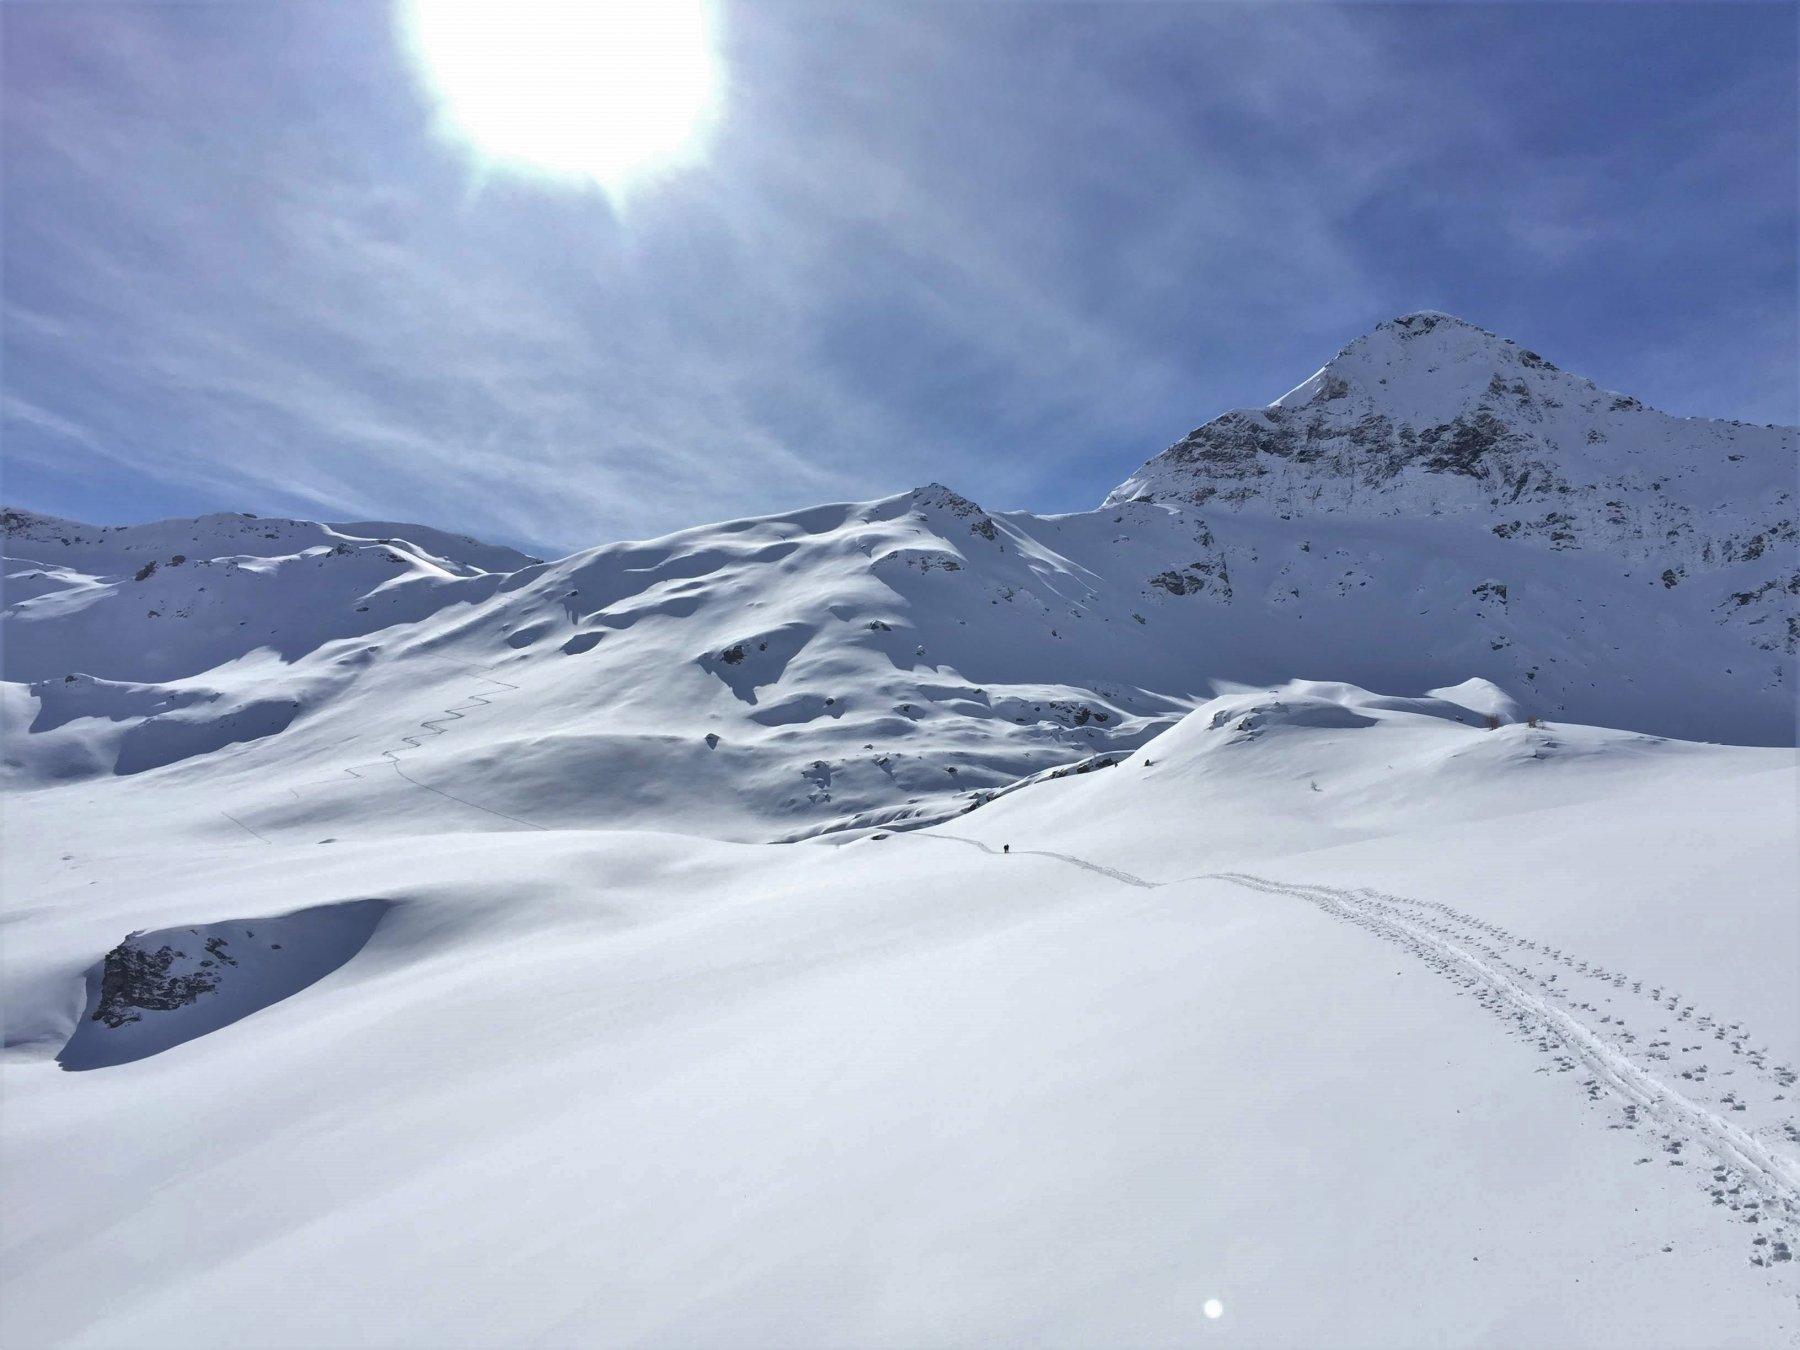 il vallone di avvicinamento, la traccia che rimonta il pendio che conduce al ghiacciaio e la nostra meta in alto a destra. Giornata spettacolare